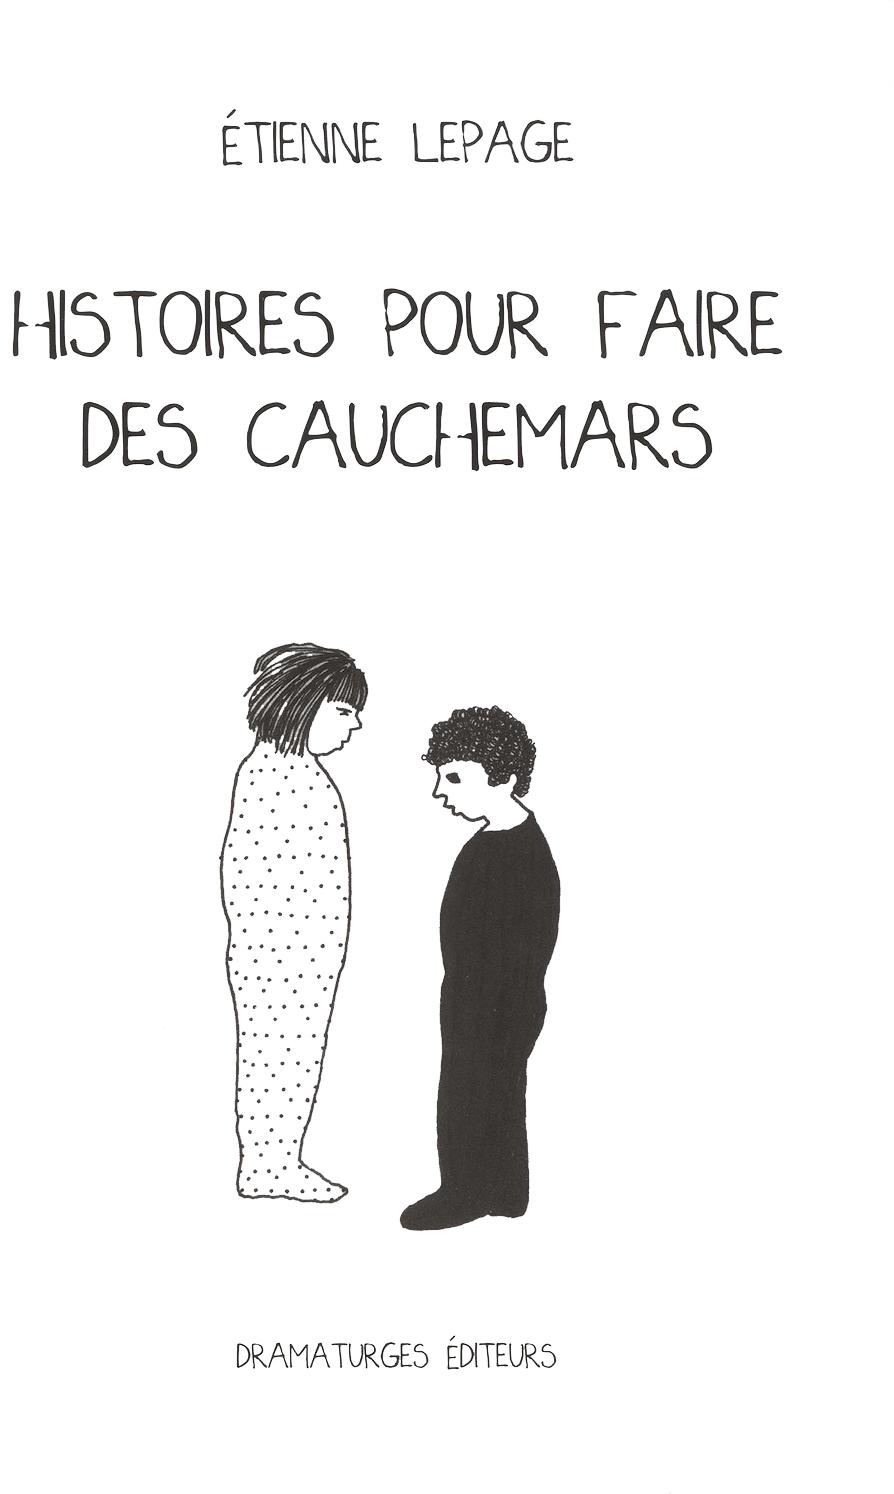 Histoires pour faire des cauchemars, d'Étienne Lepage (Dramaturges Éditeurs)